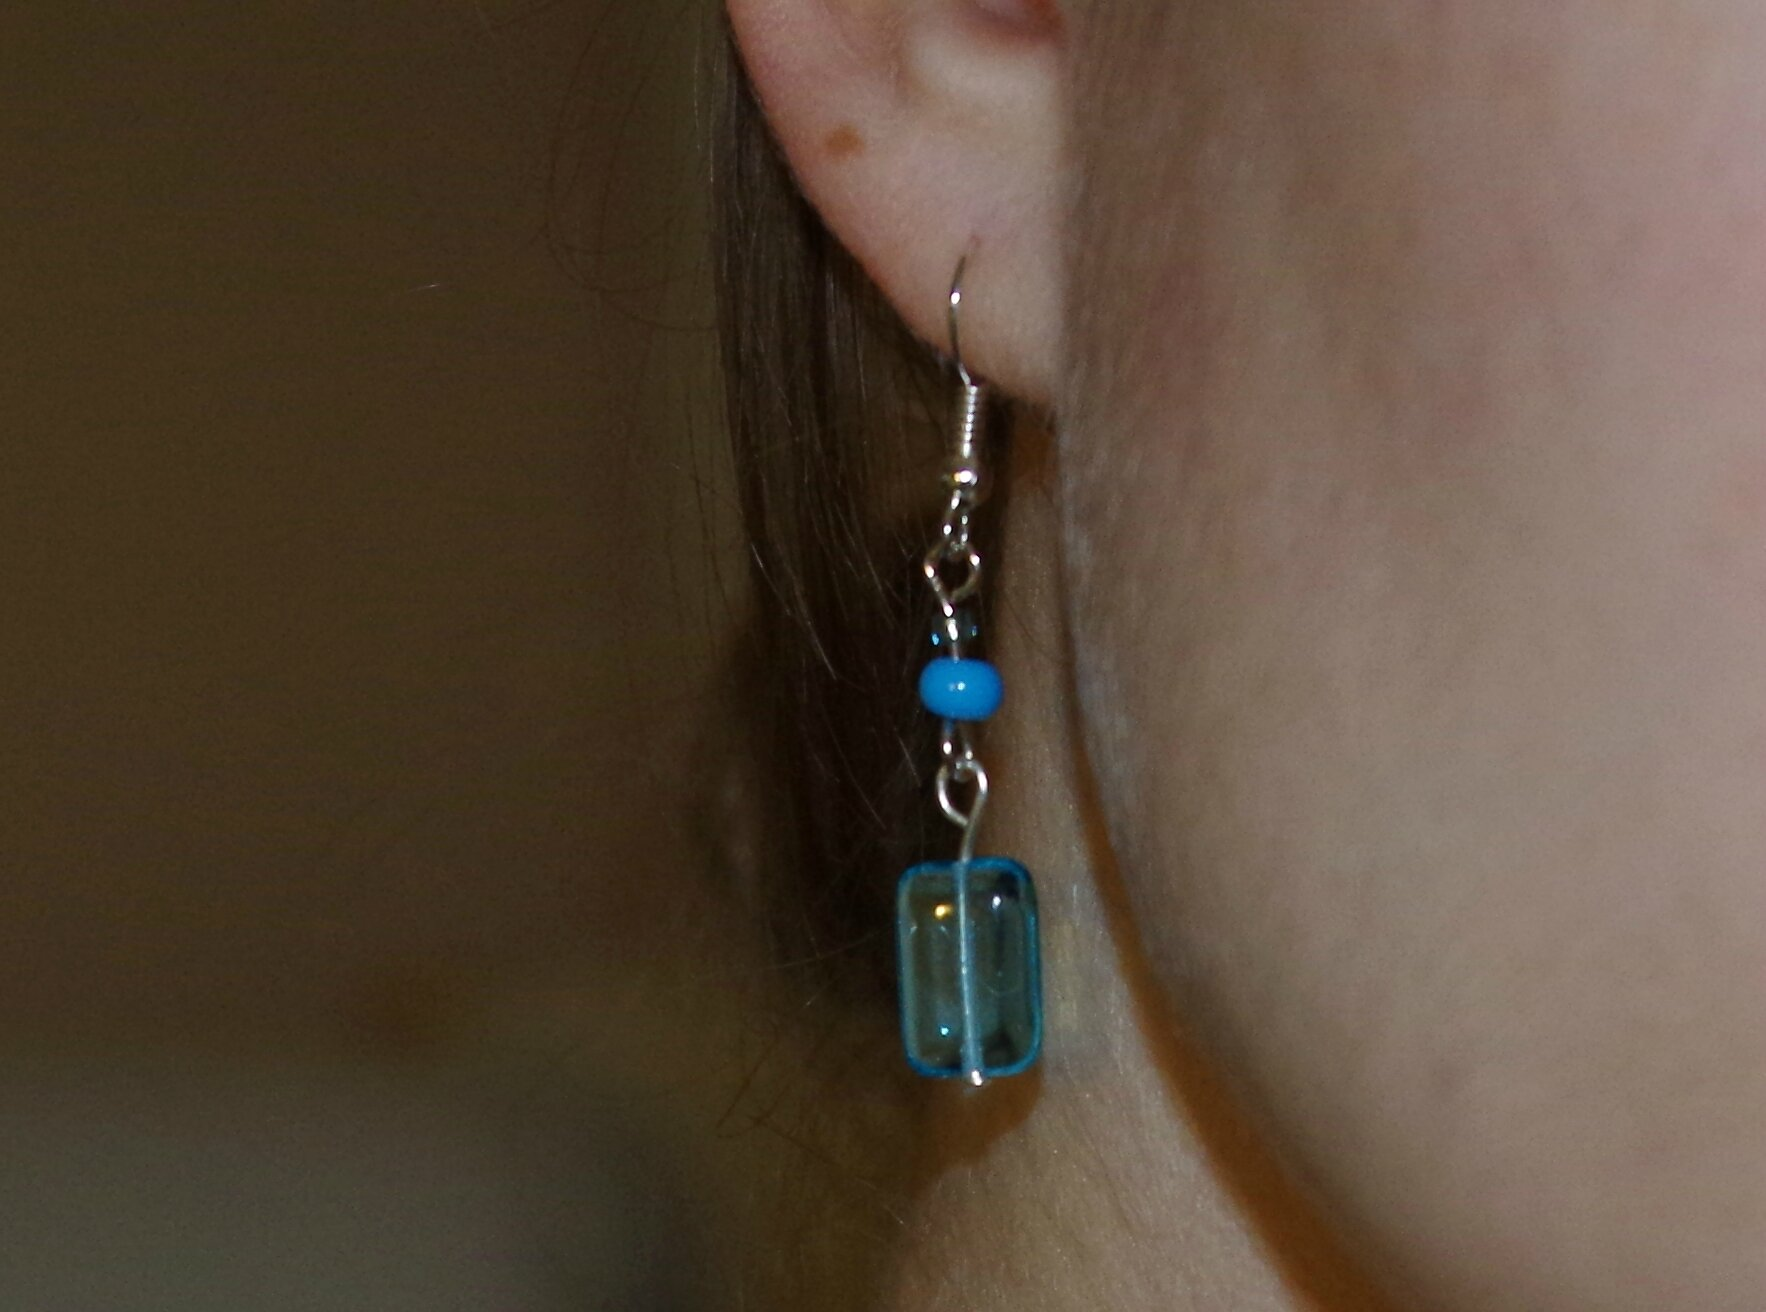 Comment faire des boucles d'oreilles soi meme